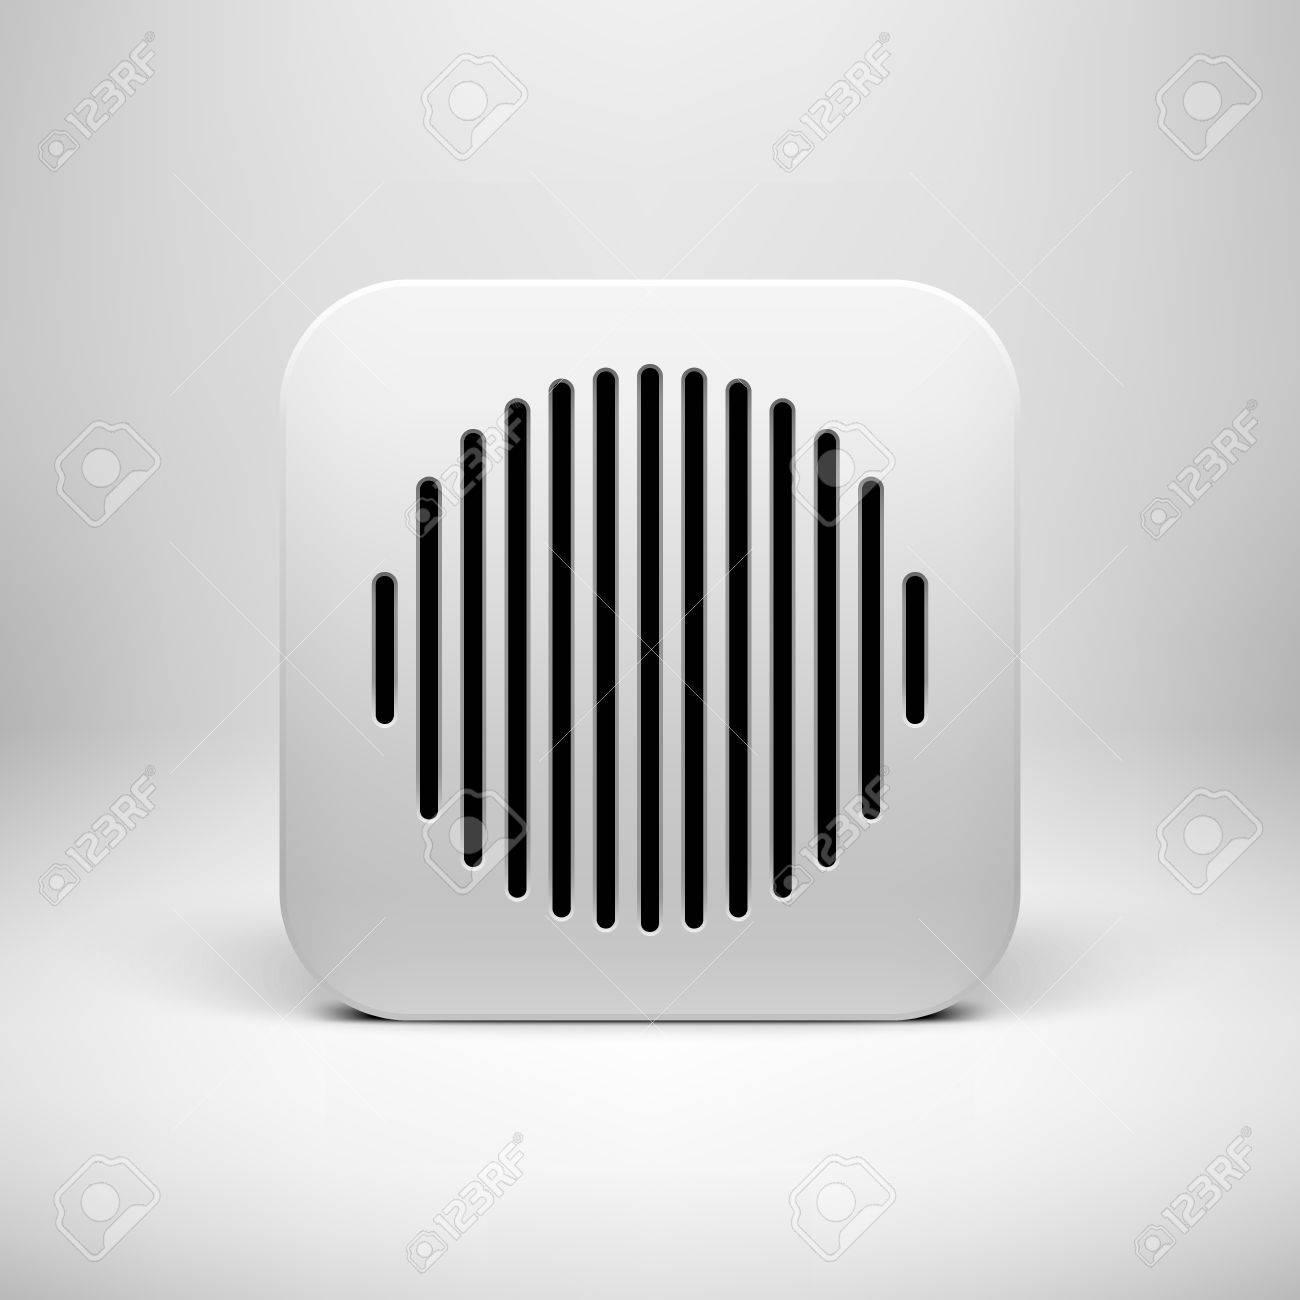 Weiß Abstrakte Technologie App-Icon, Button-Vorlage Mit Lochkreis ...